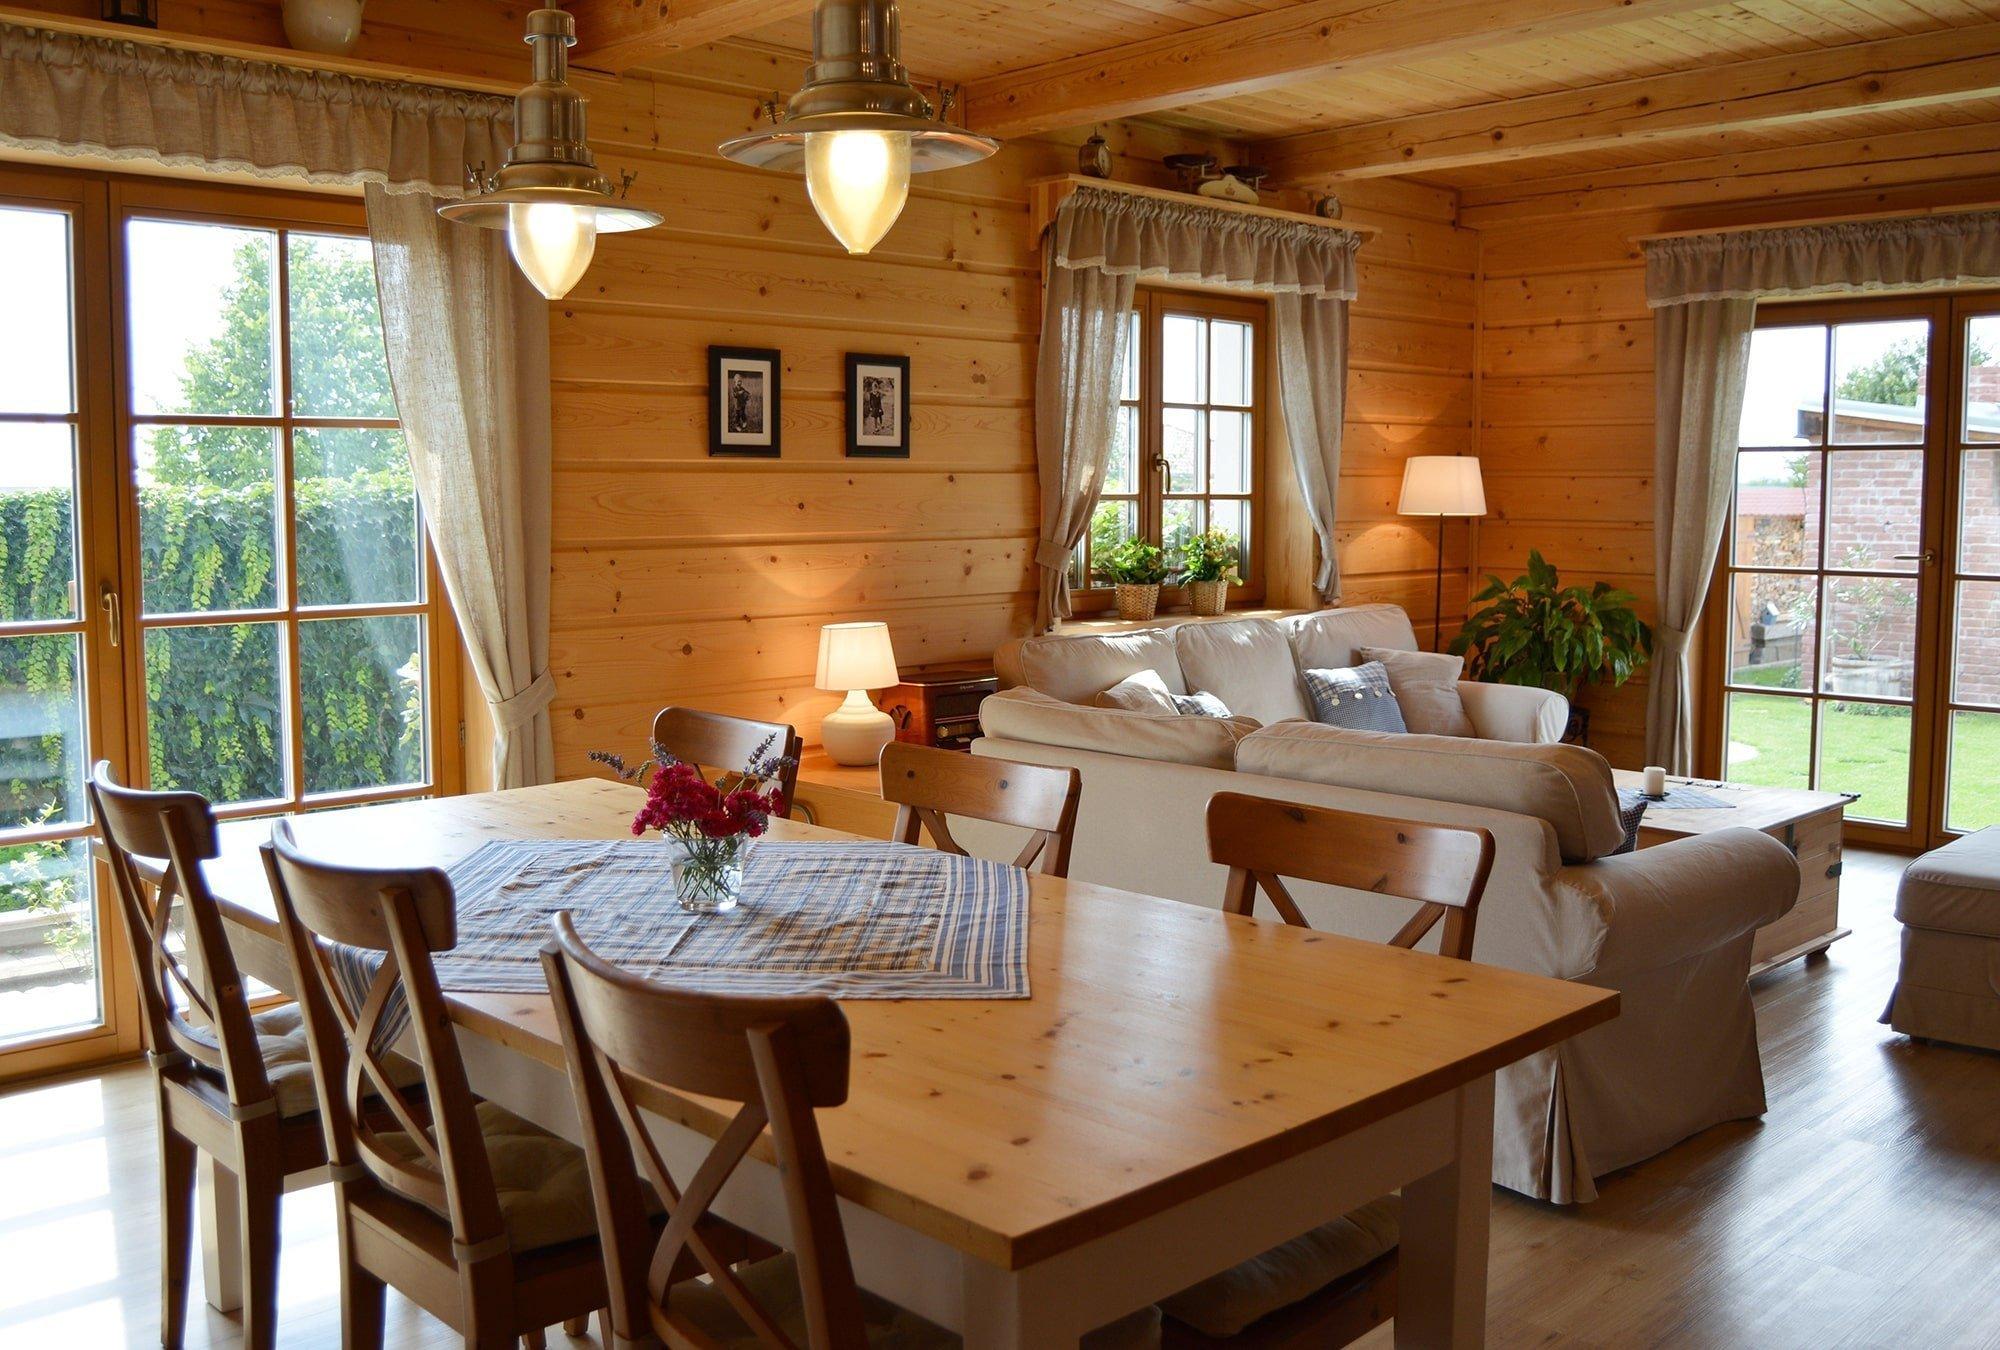 Cesta z městského bytu vedla mladou rodinu do přírody okresu Brno-venkov, kde si zařídili rodinný domek v jejich oblíbeném chalupářském stylu. Útulné bydlení, v němž hraje hlavní roli dřevo, léty nashromážděné kousky ze starožitnictví i některé vybroušené solitéry z rodinné sbírky, je výsledkem jejich dlouholetých snů.